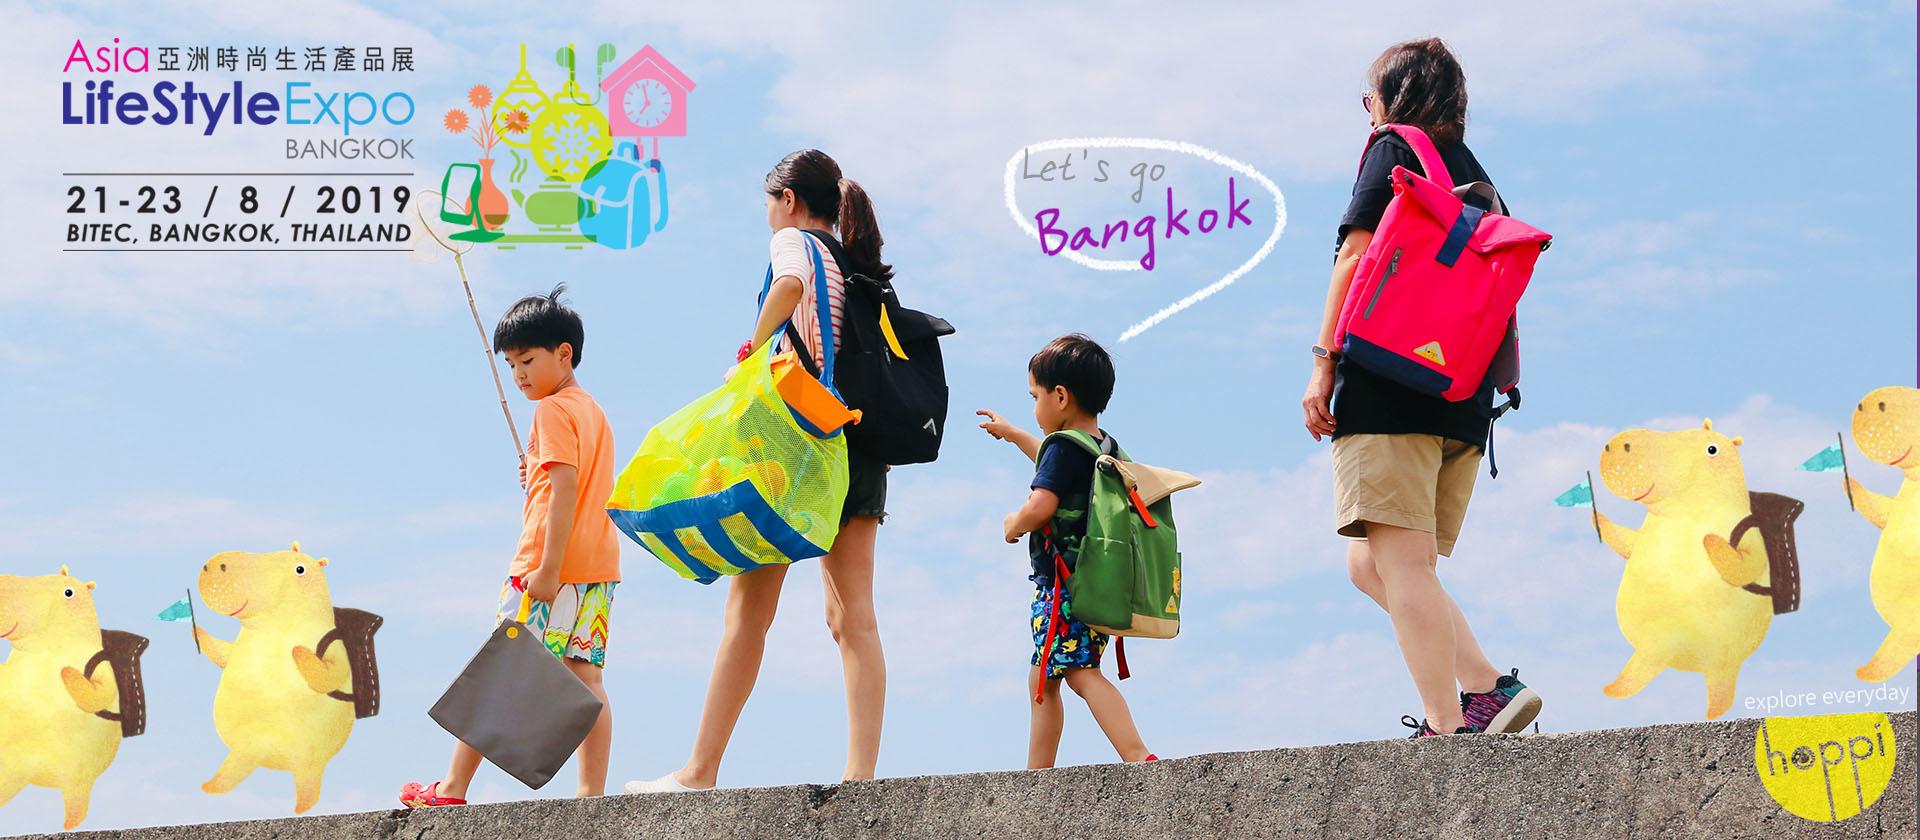 backpack, travel, trip, hoppi, hoppiday, kids, child, children, explore, schoolbag, Bangkok, Thailand